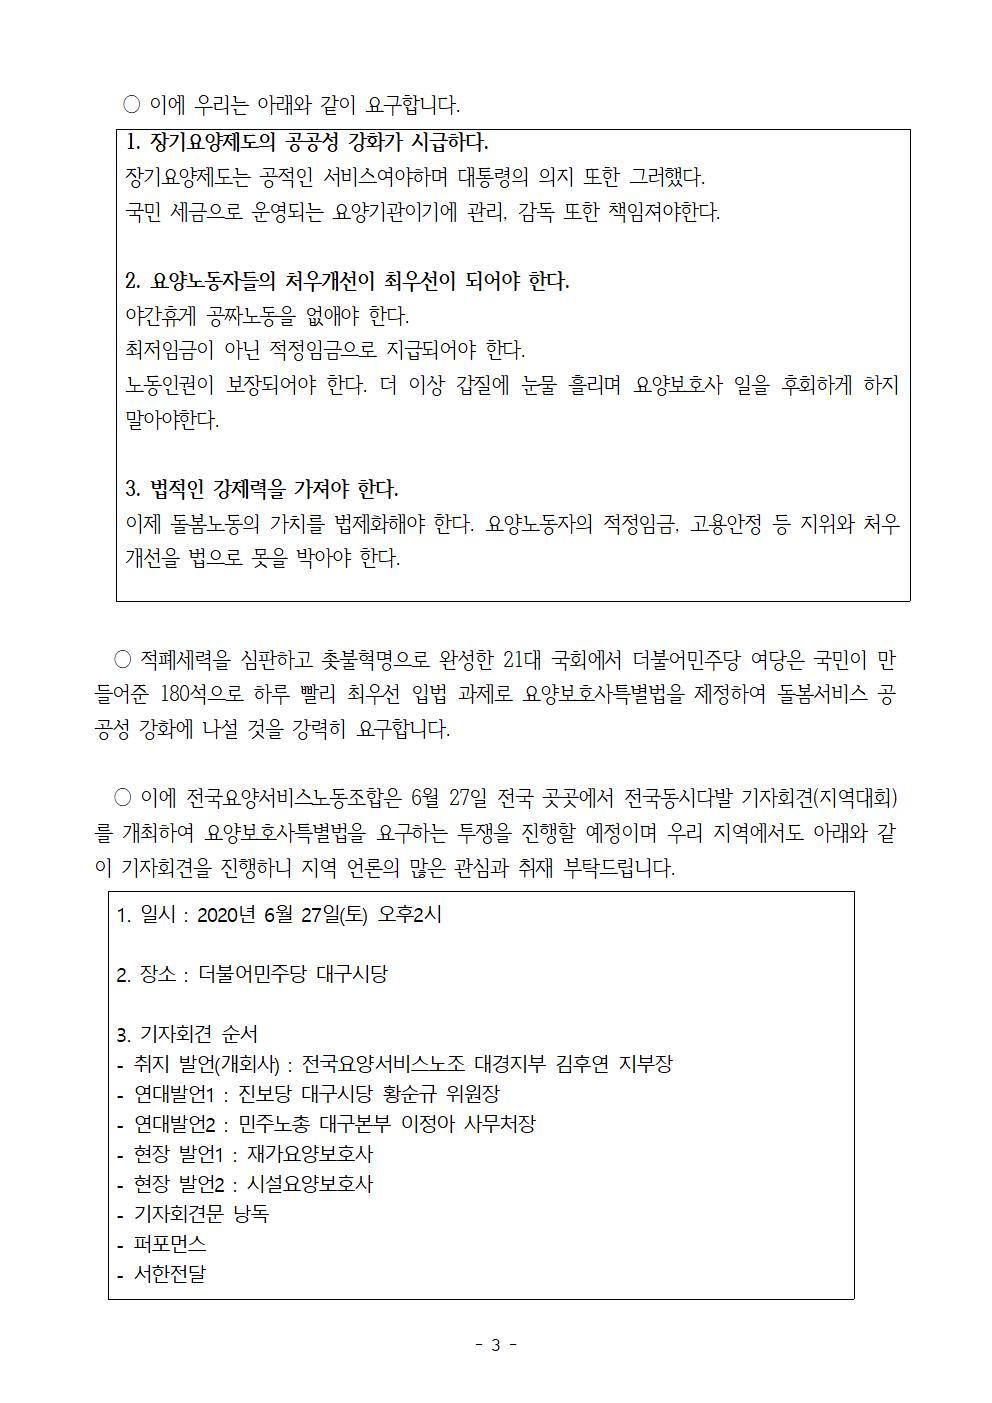 [취재요청]요양보호사 특별법 제정 촉구 기자회견(200627)003.jpg